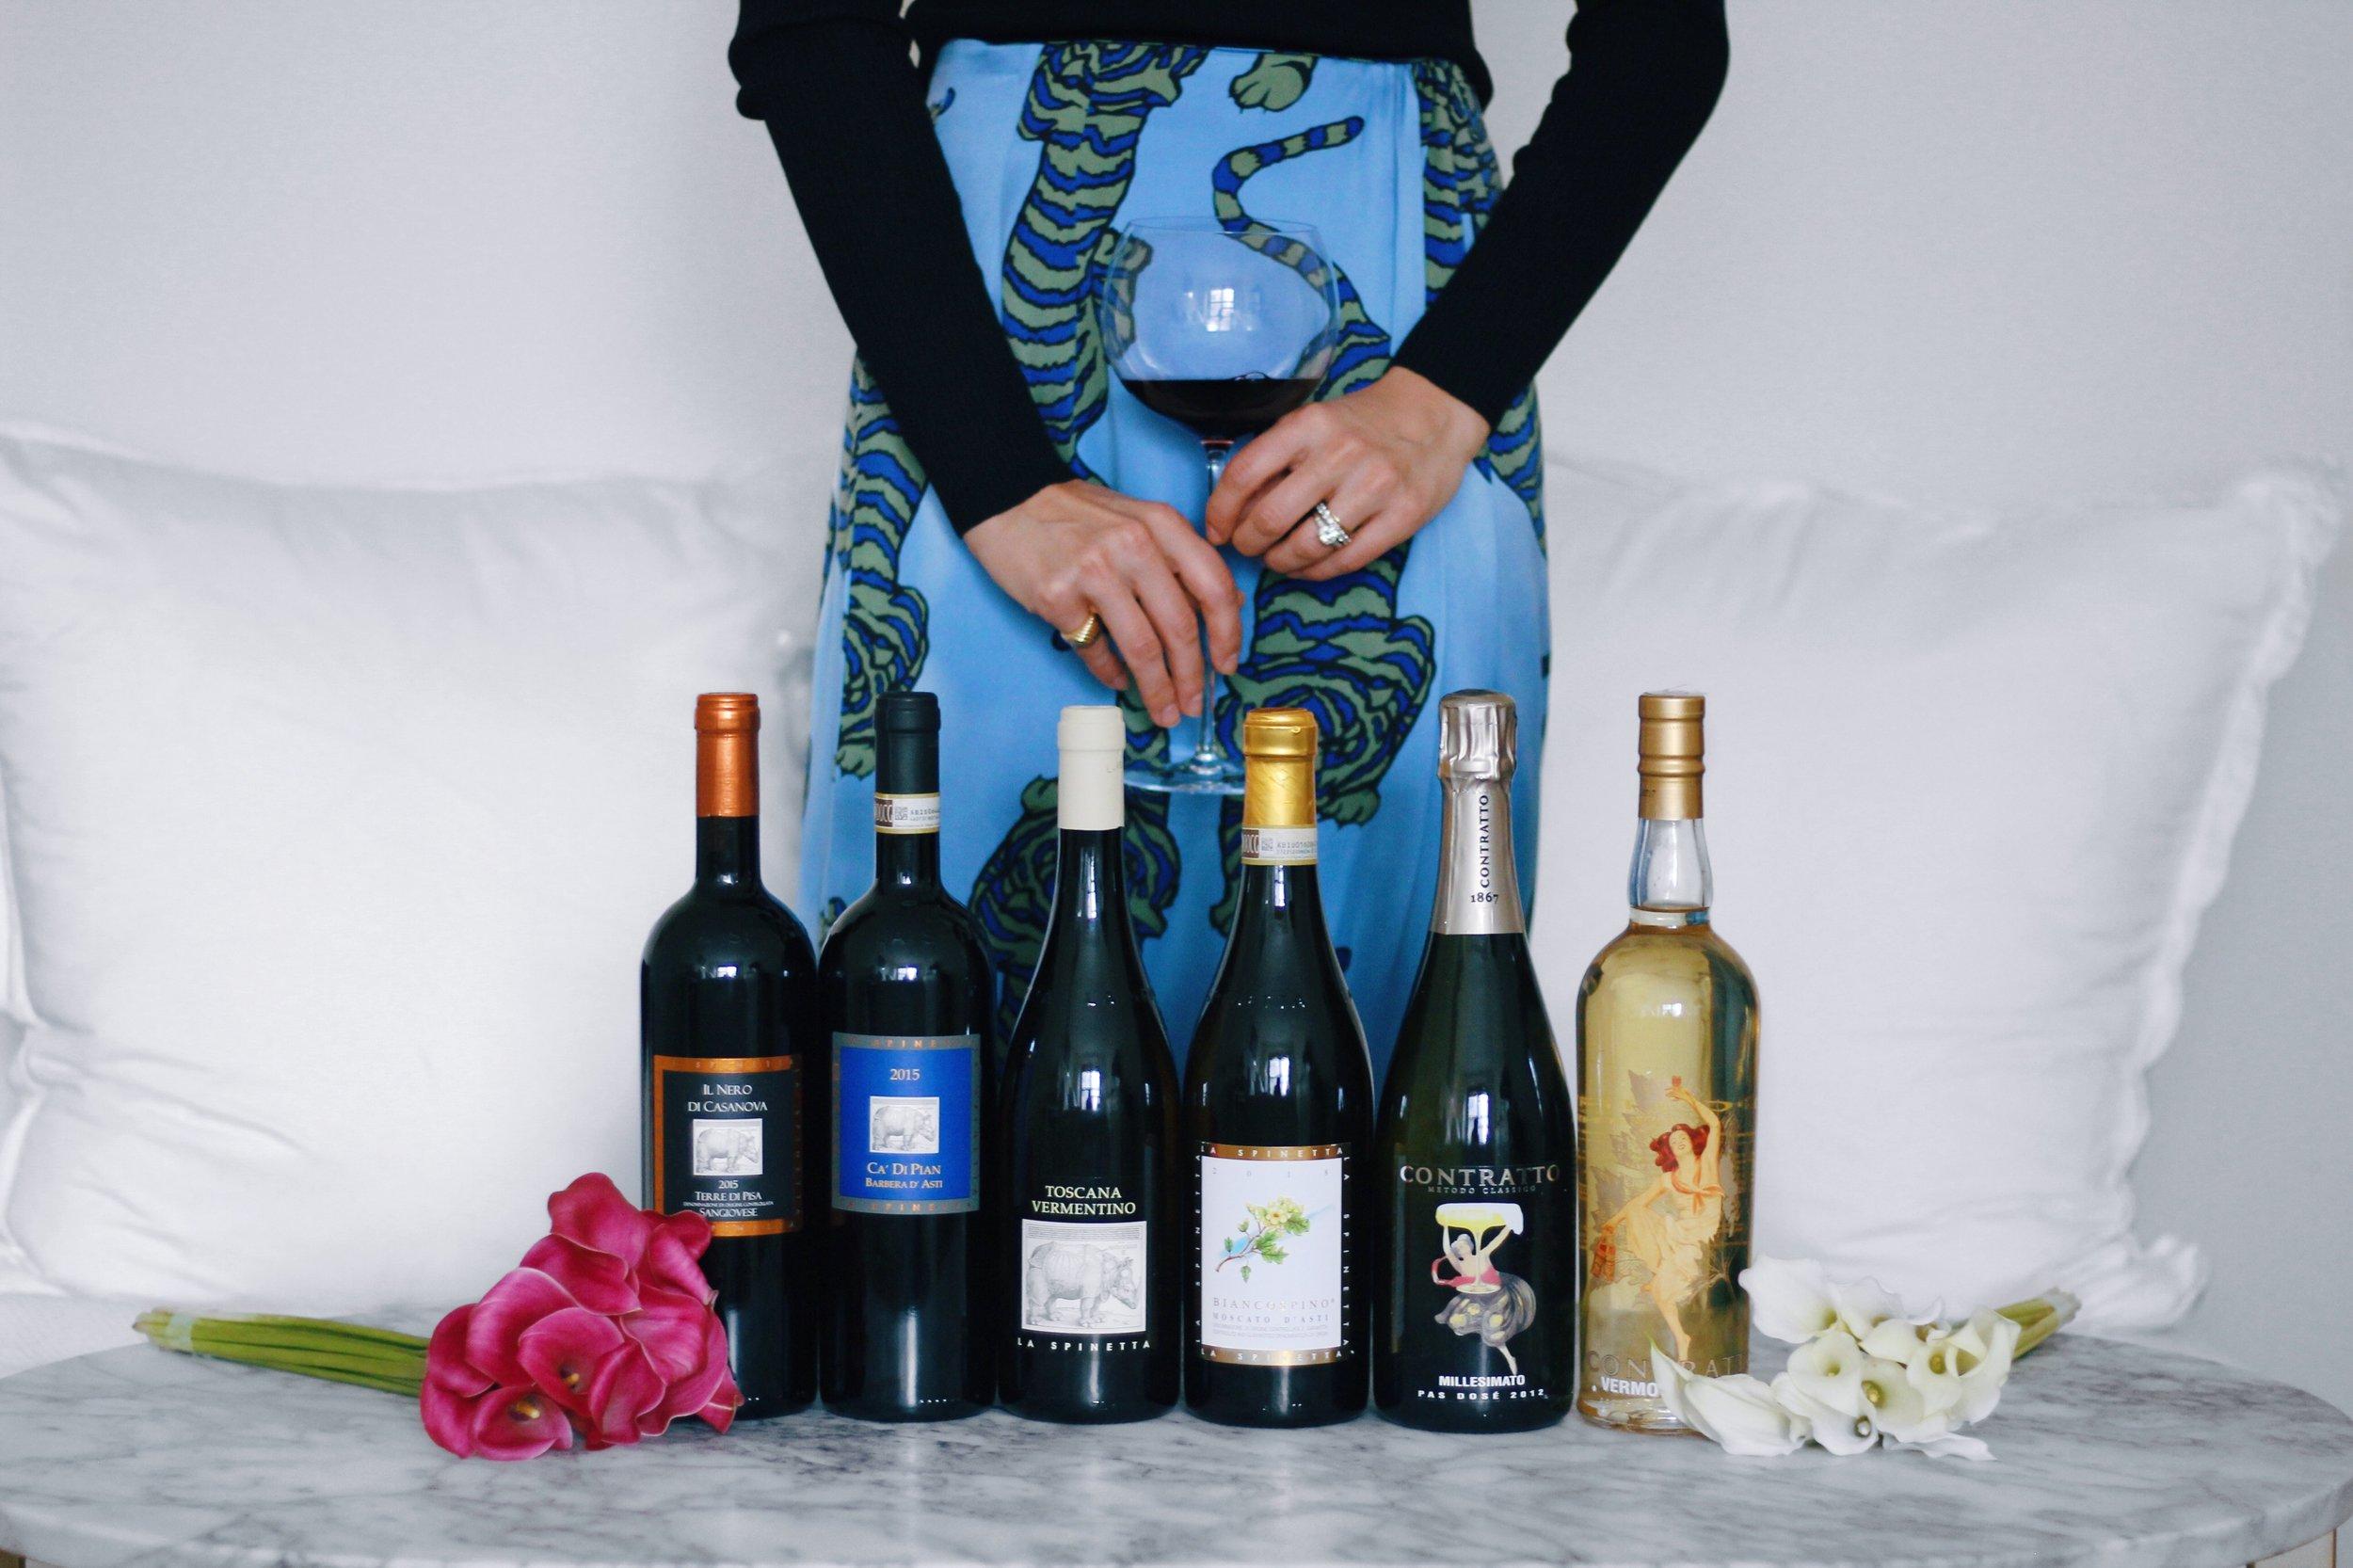 La Spinetta Wines